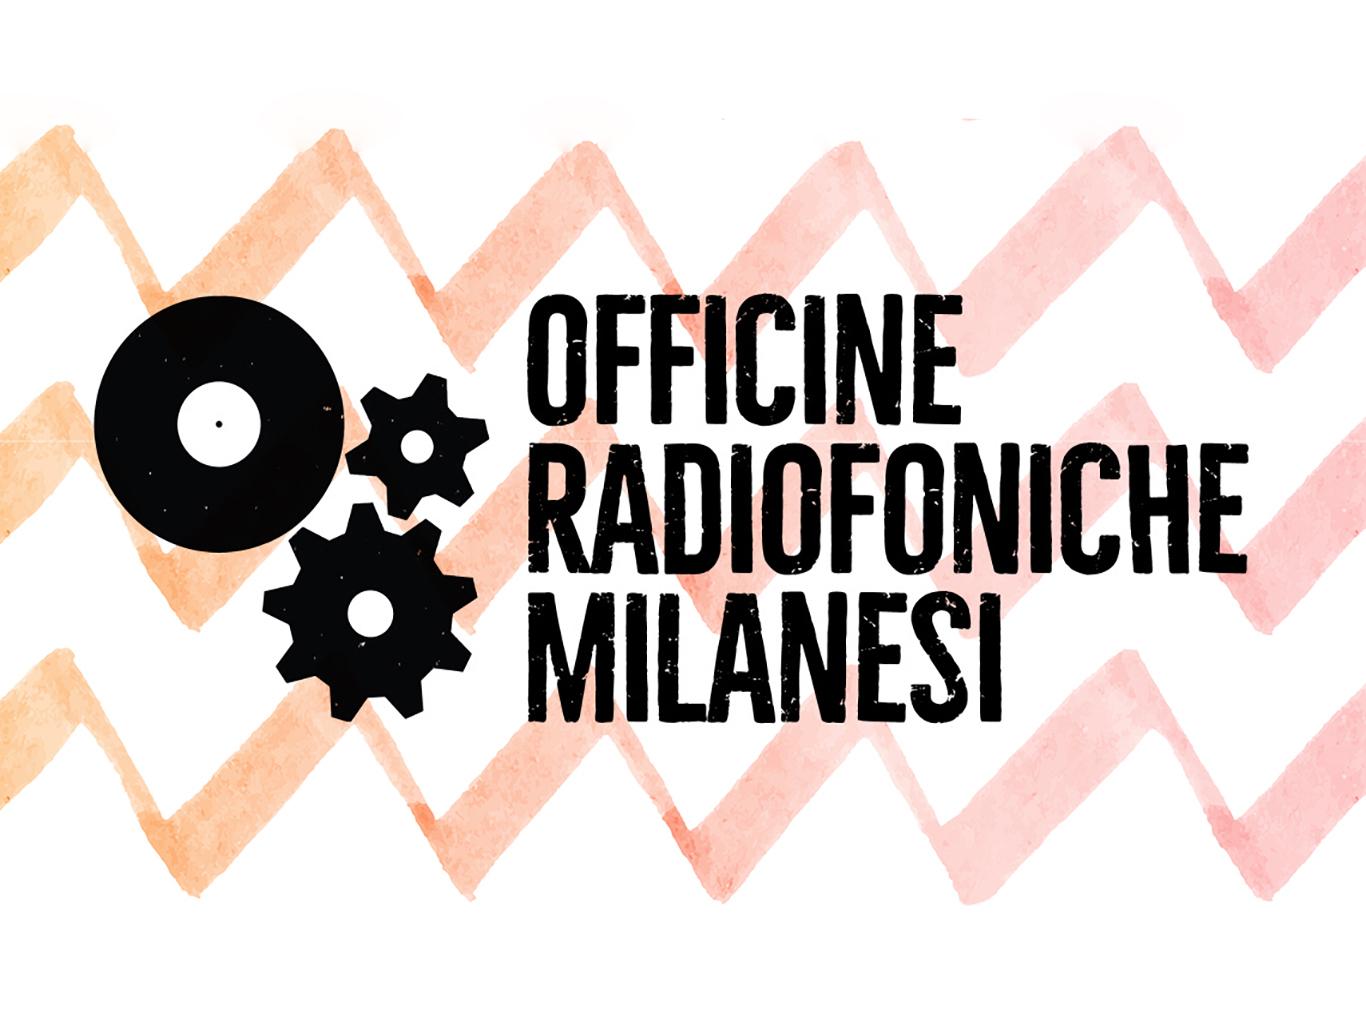 Officine Radiofoniche Milanesi